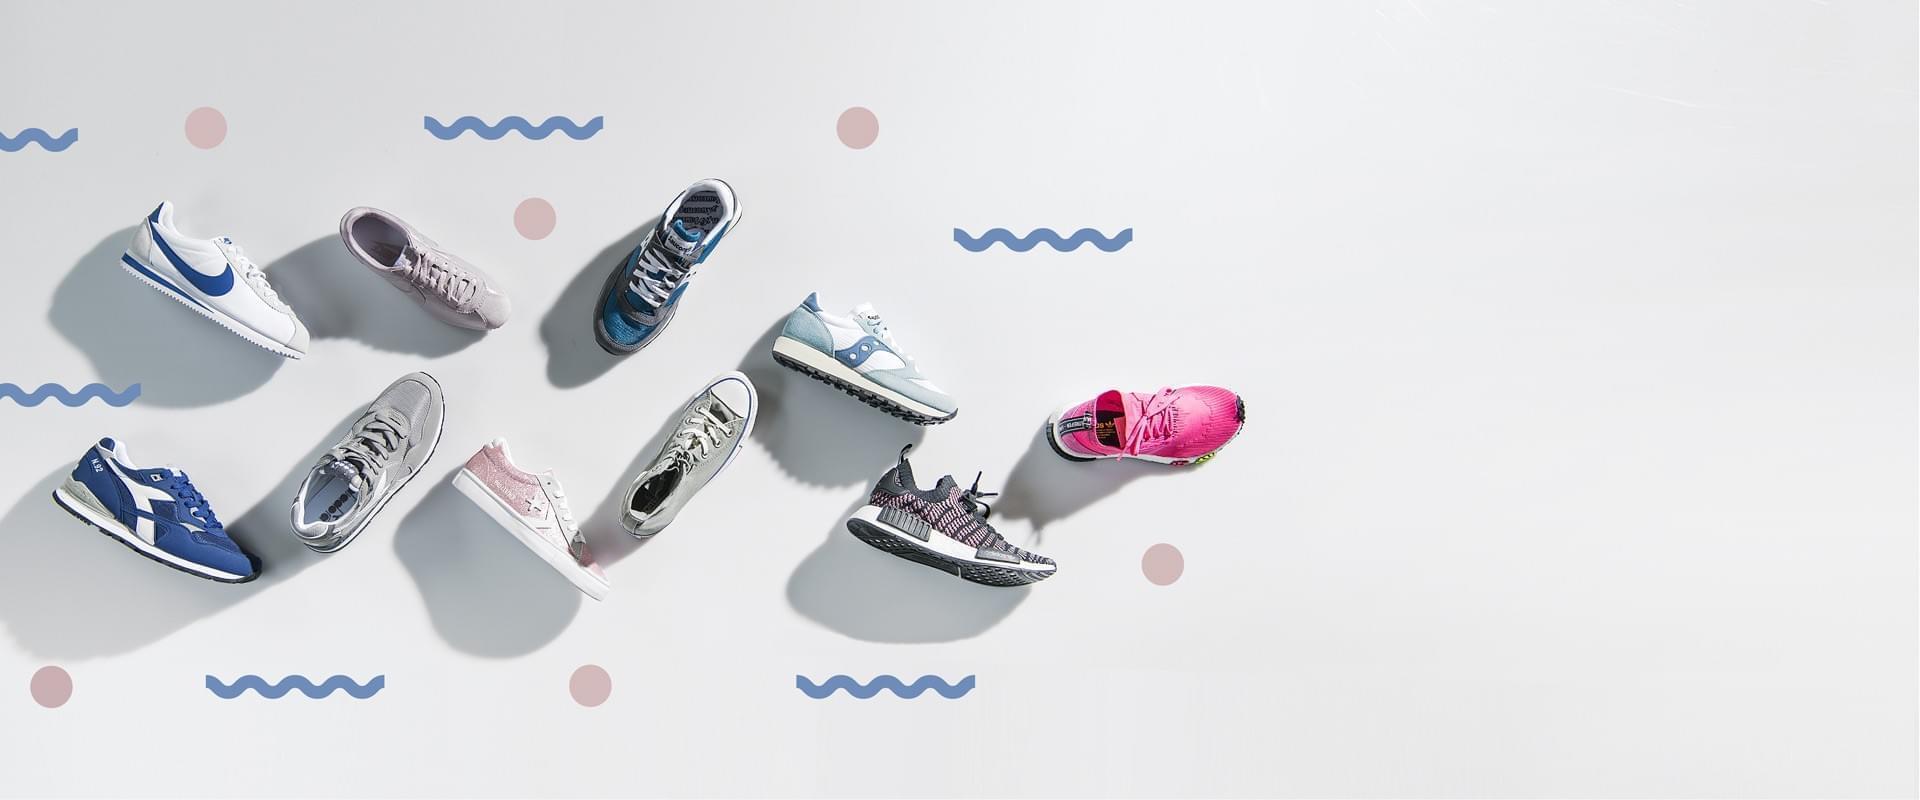 Saldi estivi sneakers